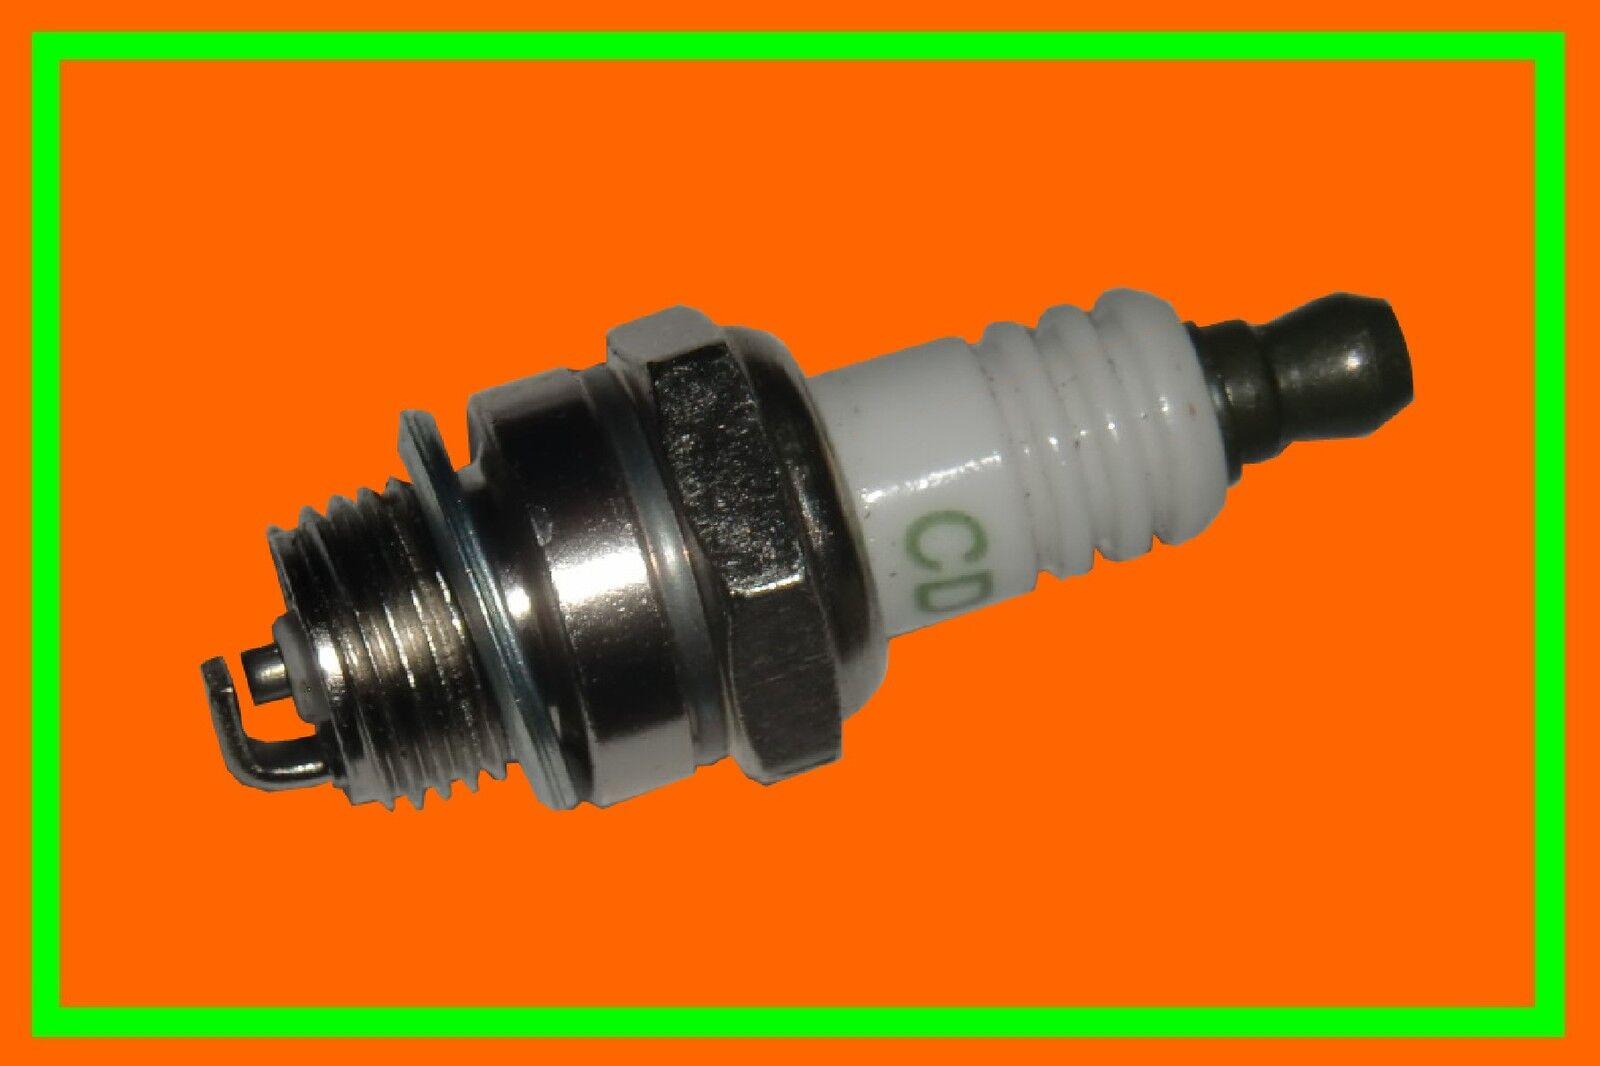 2m Starterseil Seil 3,5mm passend für STIHL MS261 MS261 030 031 032 MS271